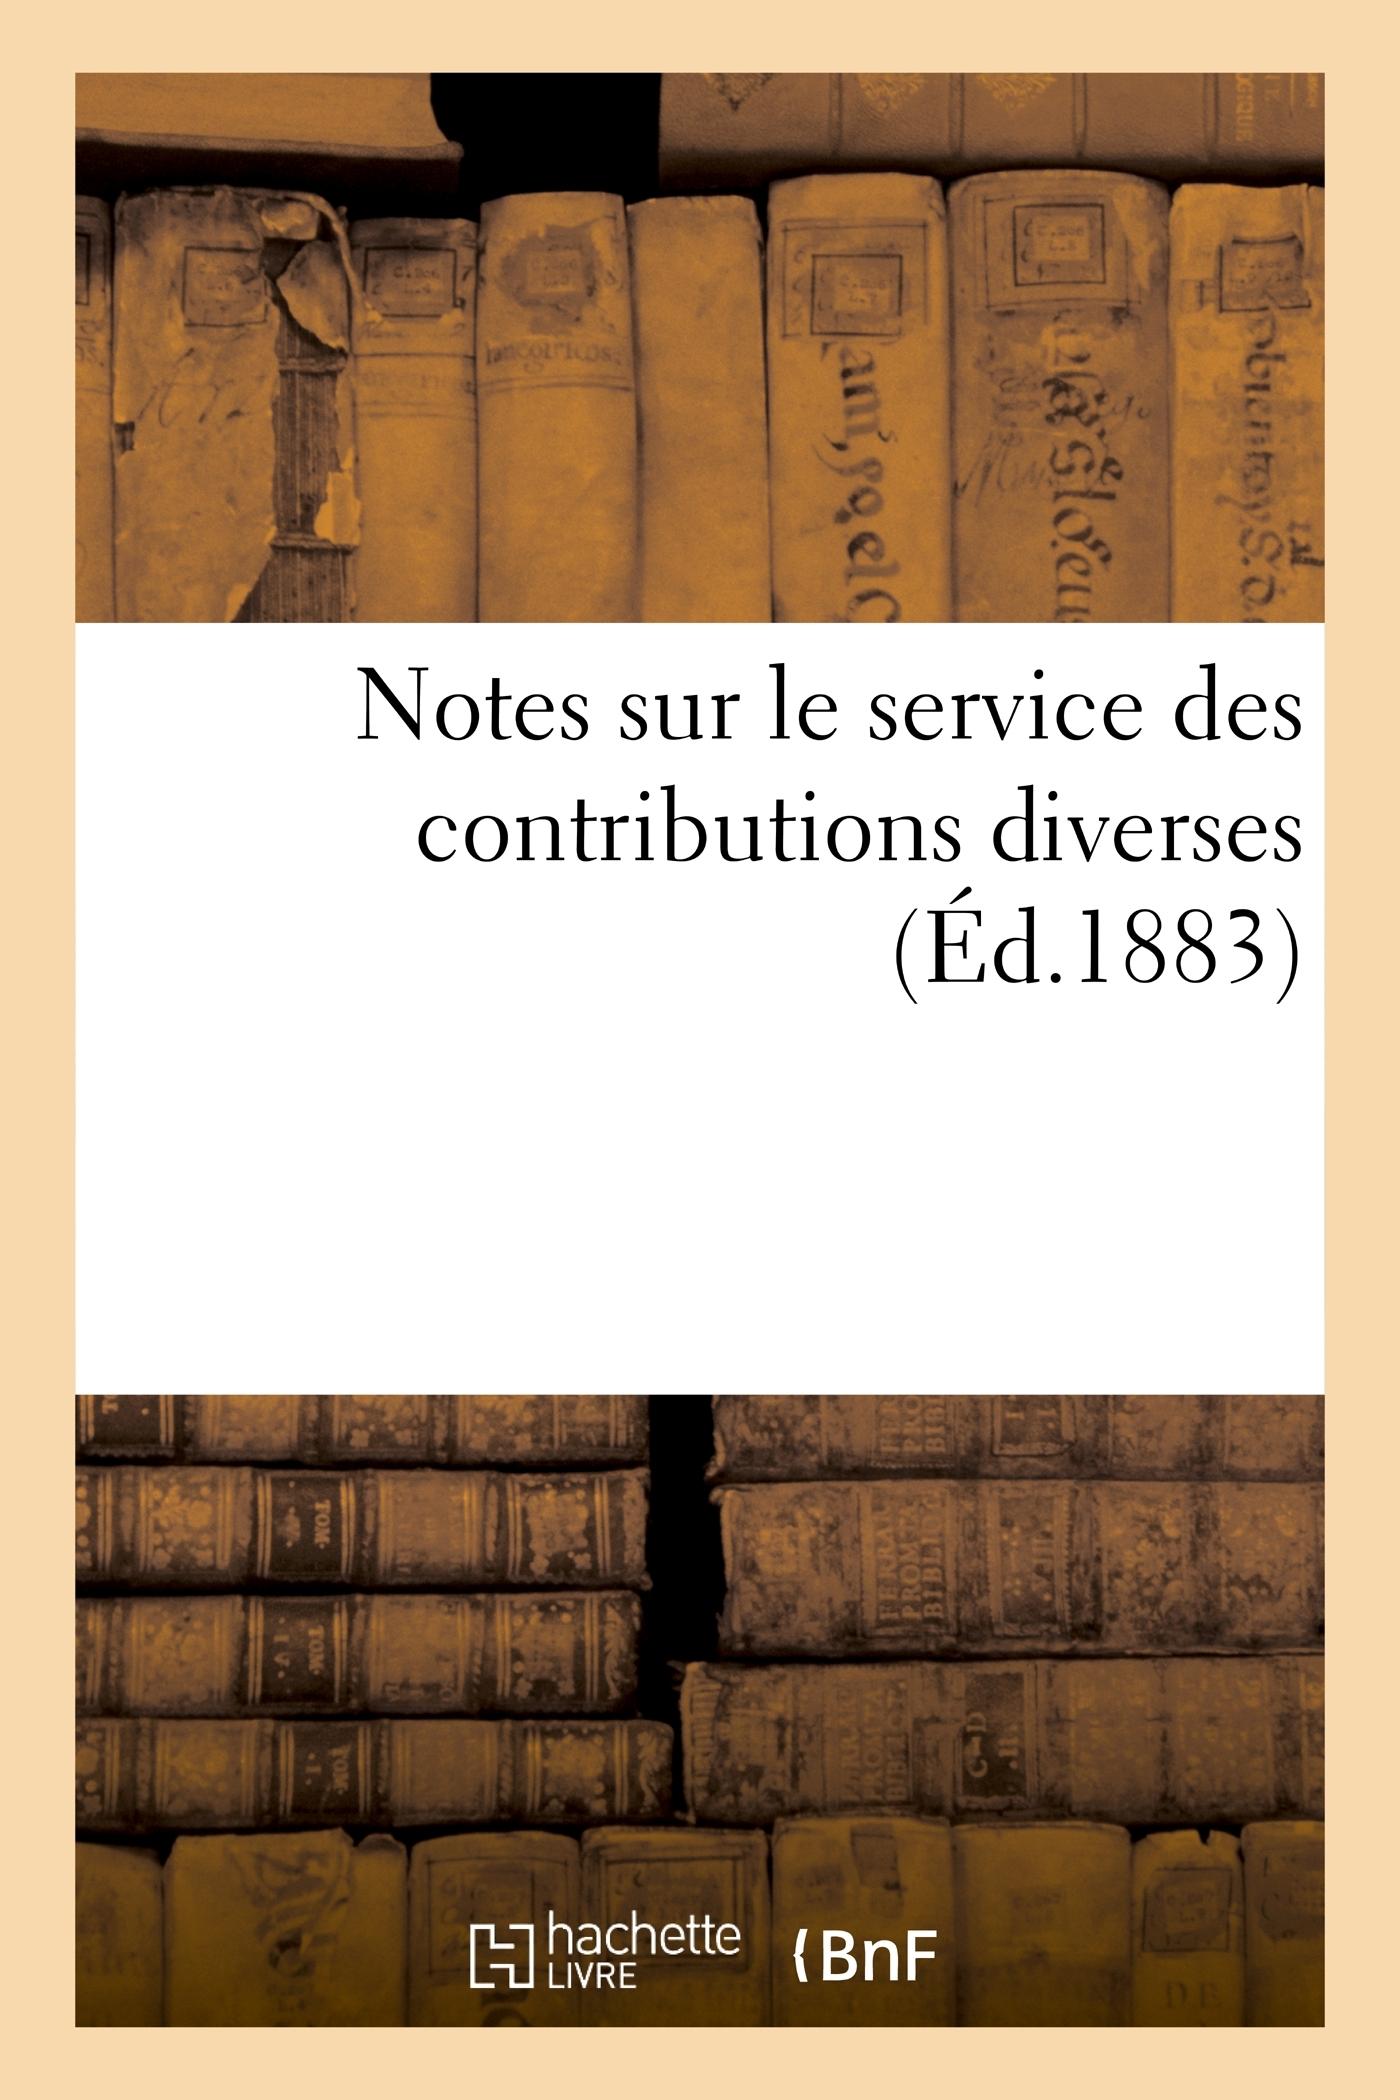 NOTES SUR LE SERVICE DES CONTRIBUTIONS DIVERSES